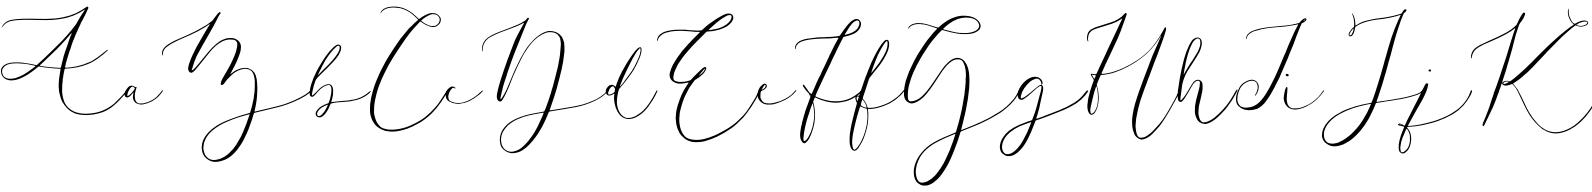 Amelie Signature